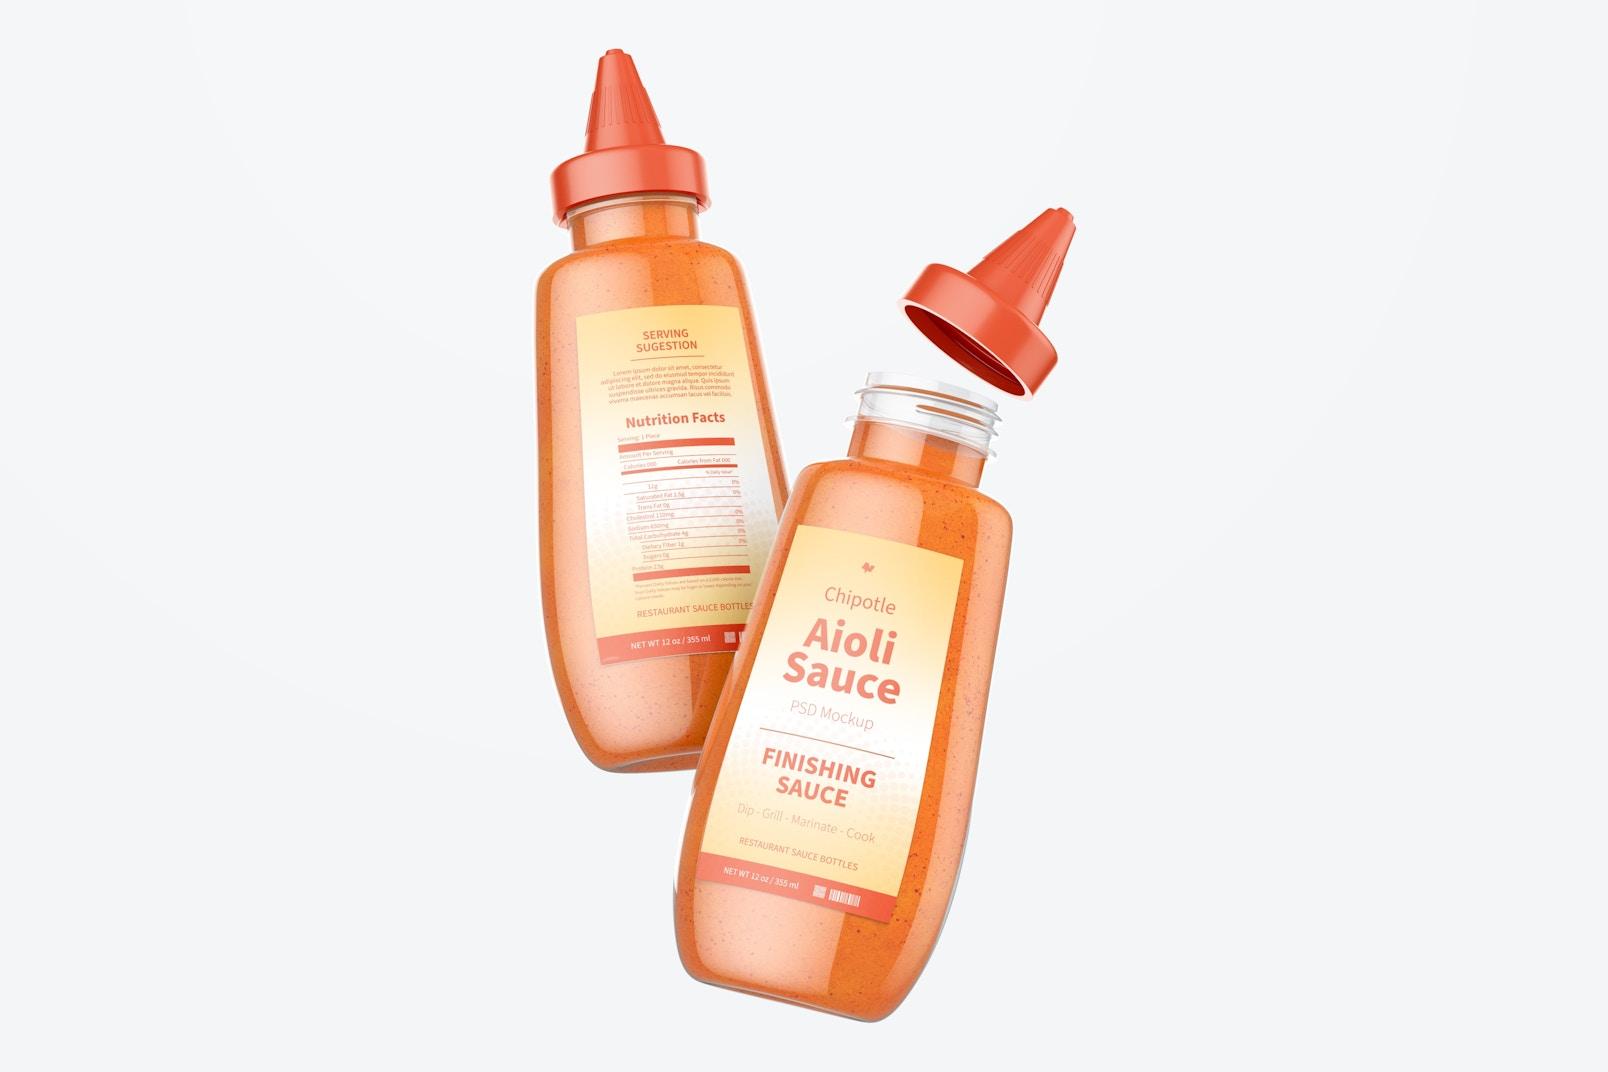 12 oz Chipotle Aioli Sauce Bottle Mockup, Floating